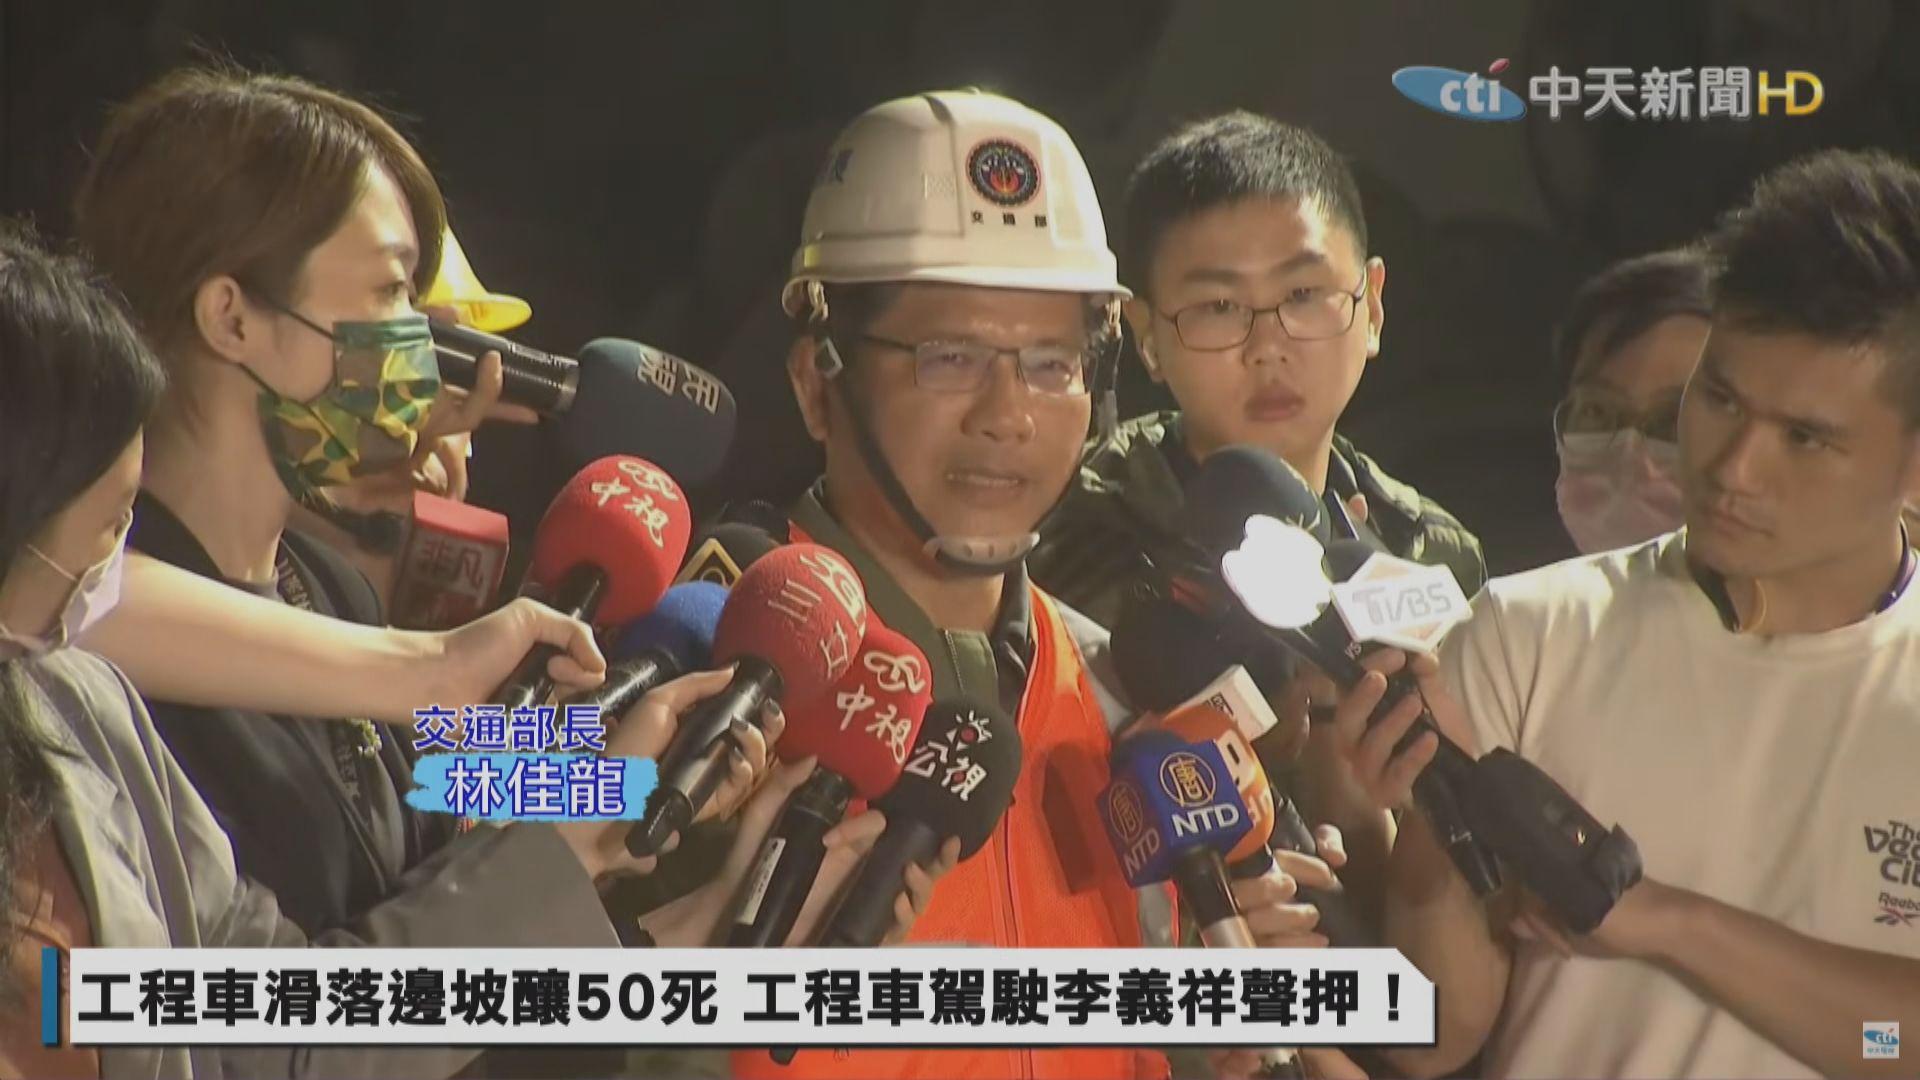 交通部長到台鐵出軌事故現場視察 指大清水隧道需經兩周檢修才能通車